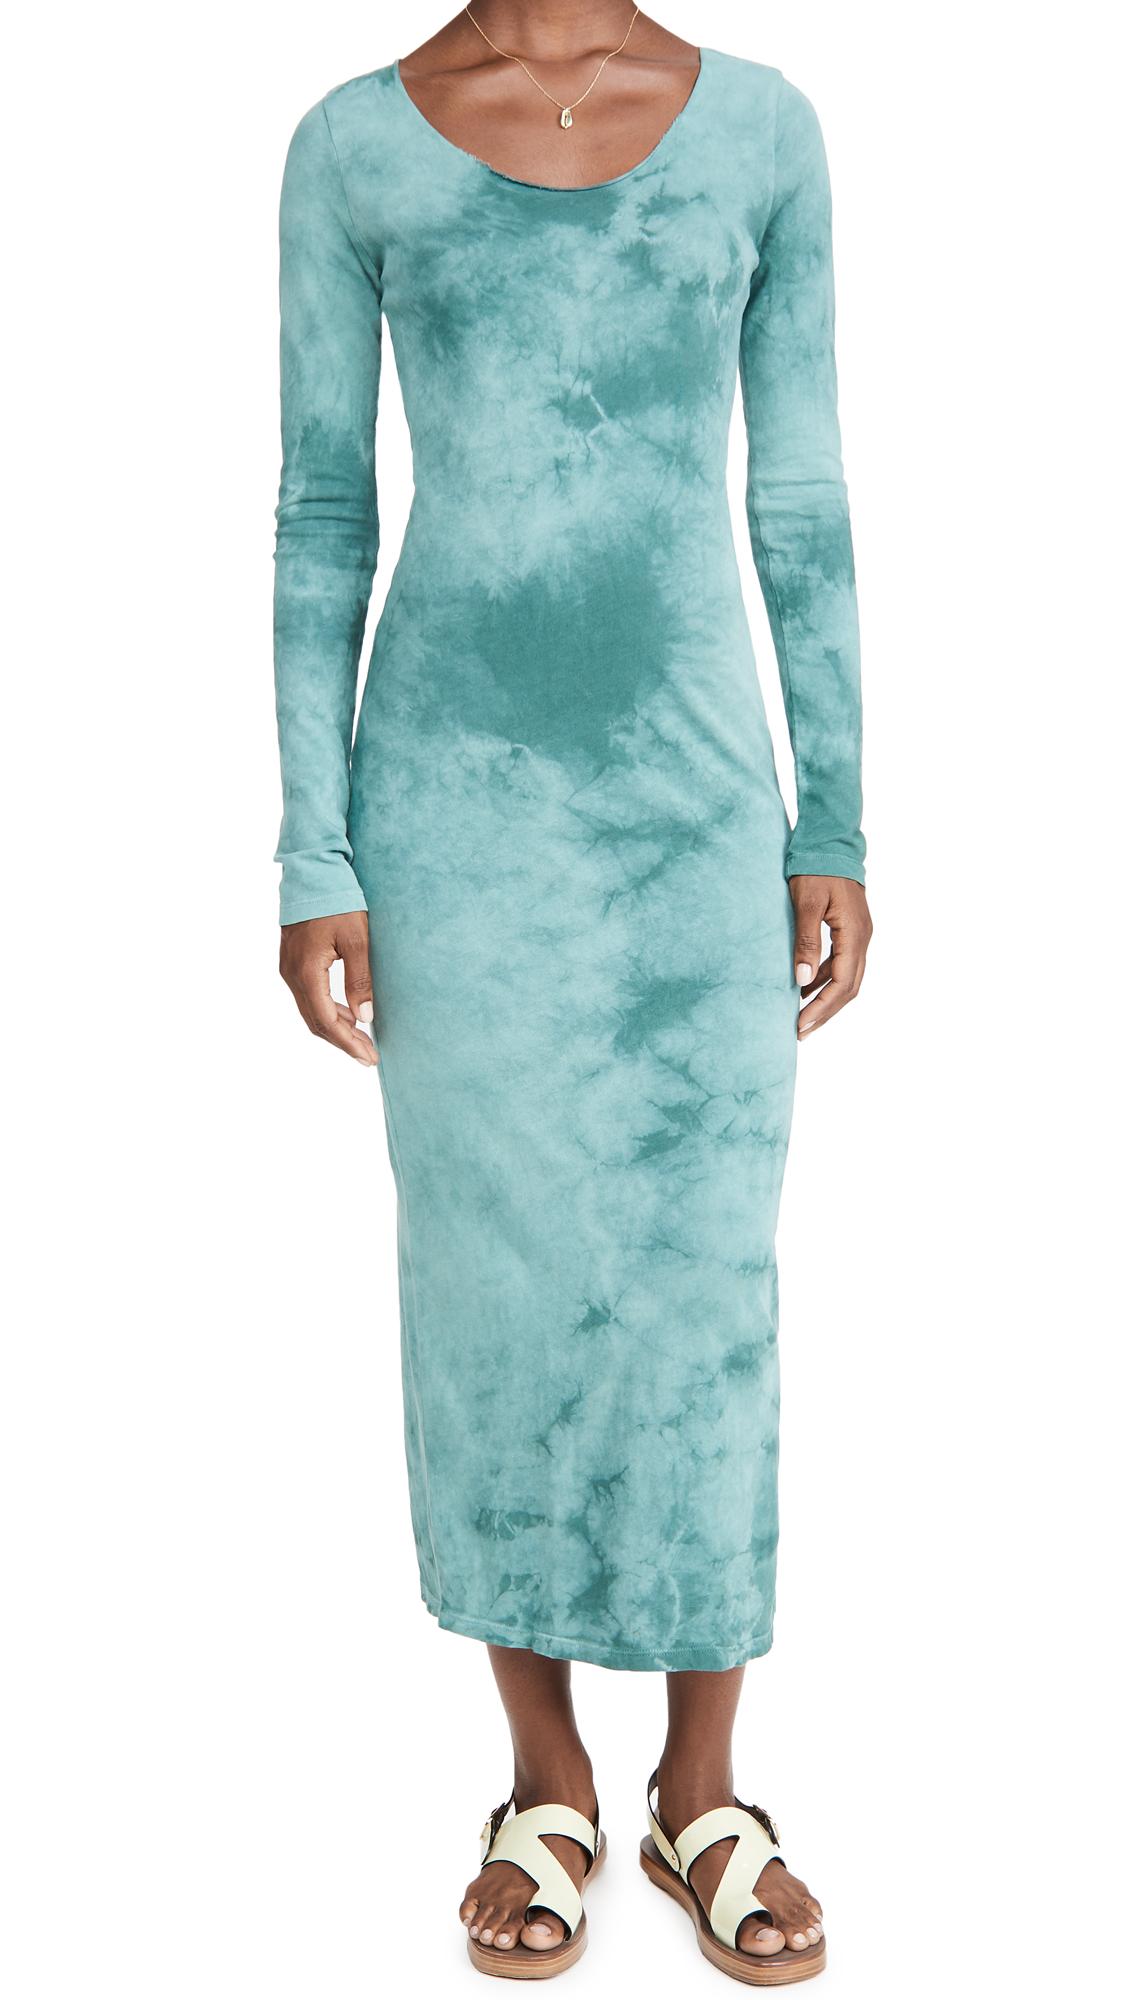 Raquel Allegra Fitted Long Sleeve Dress